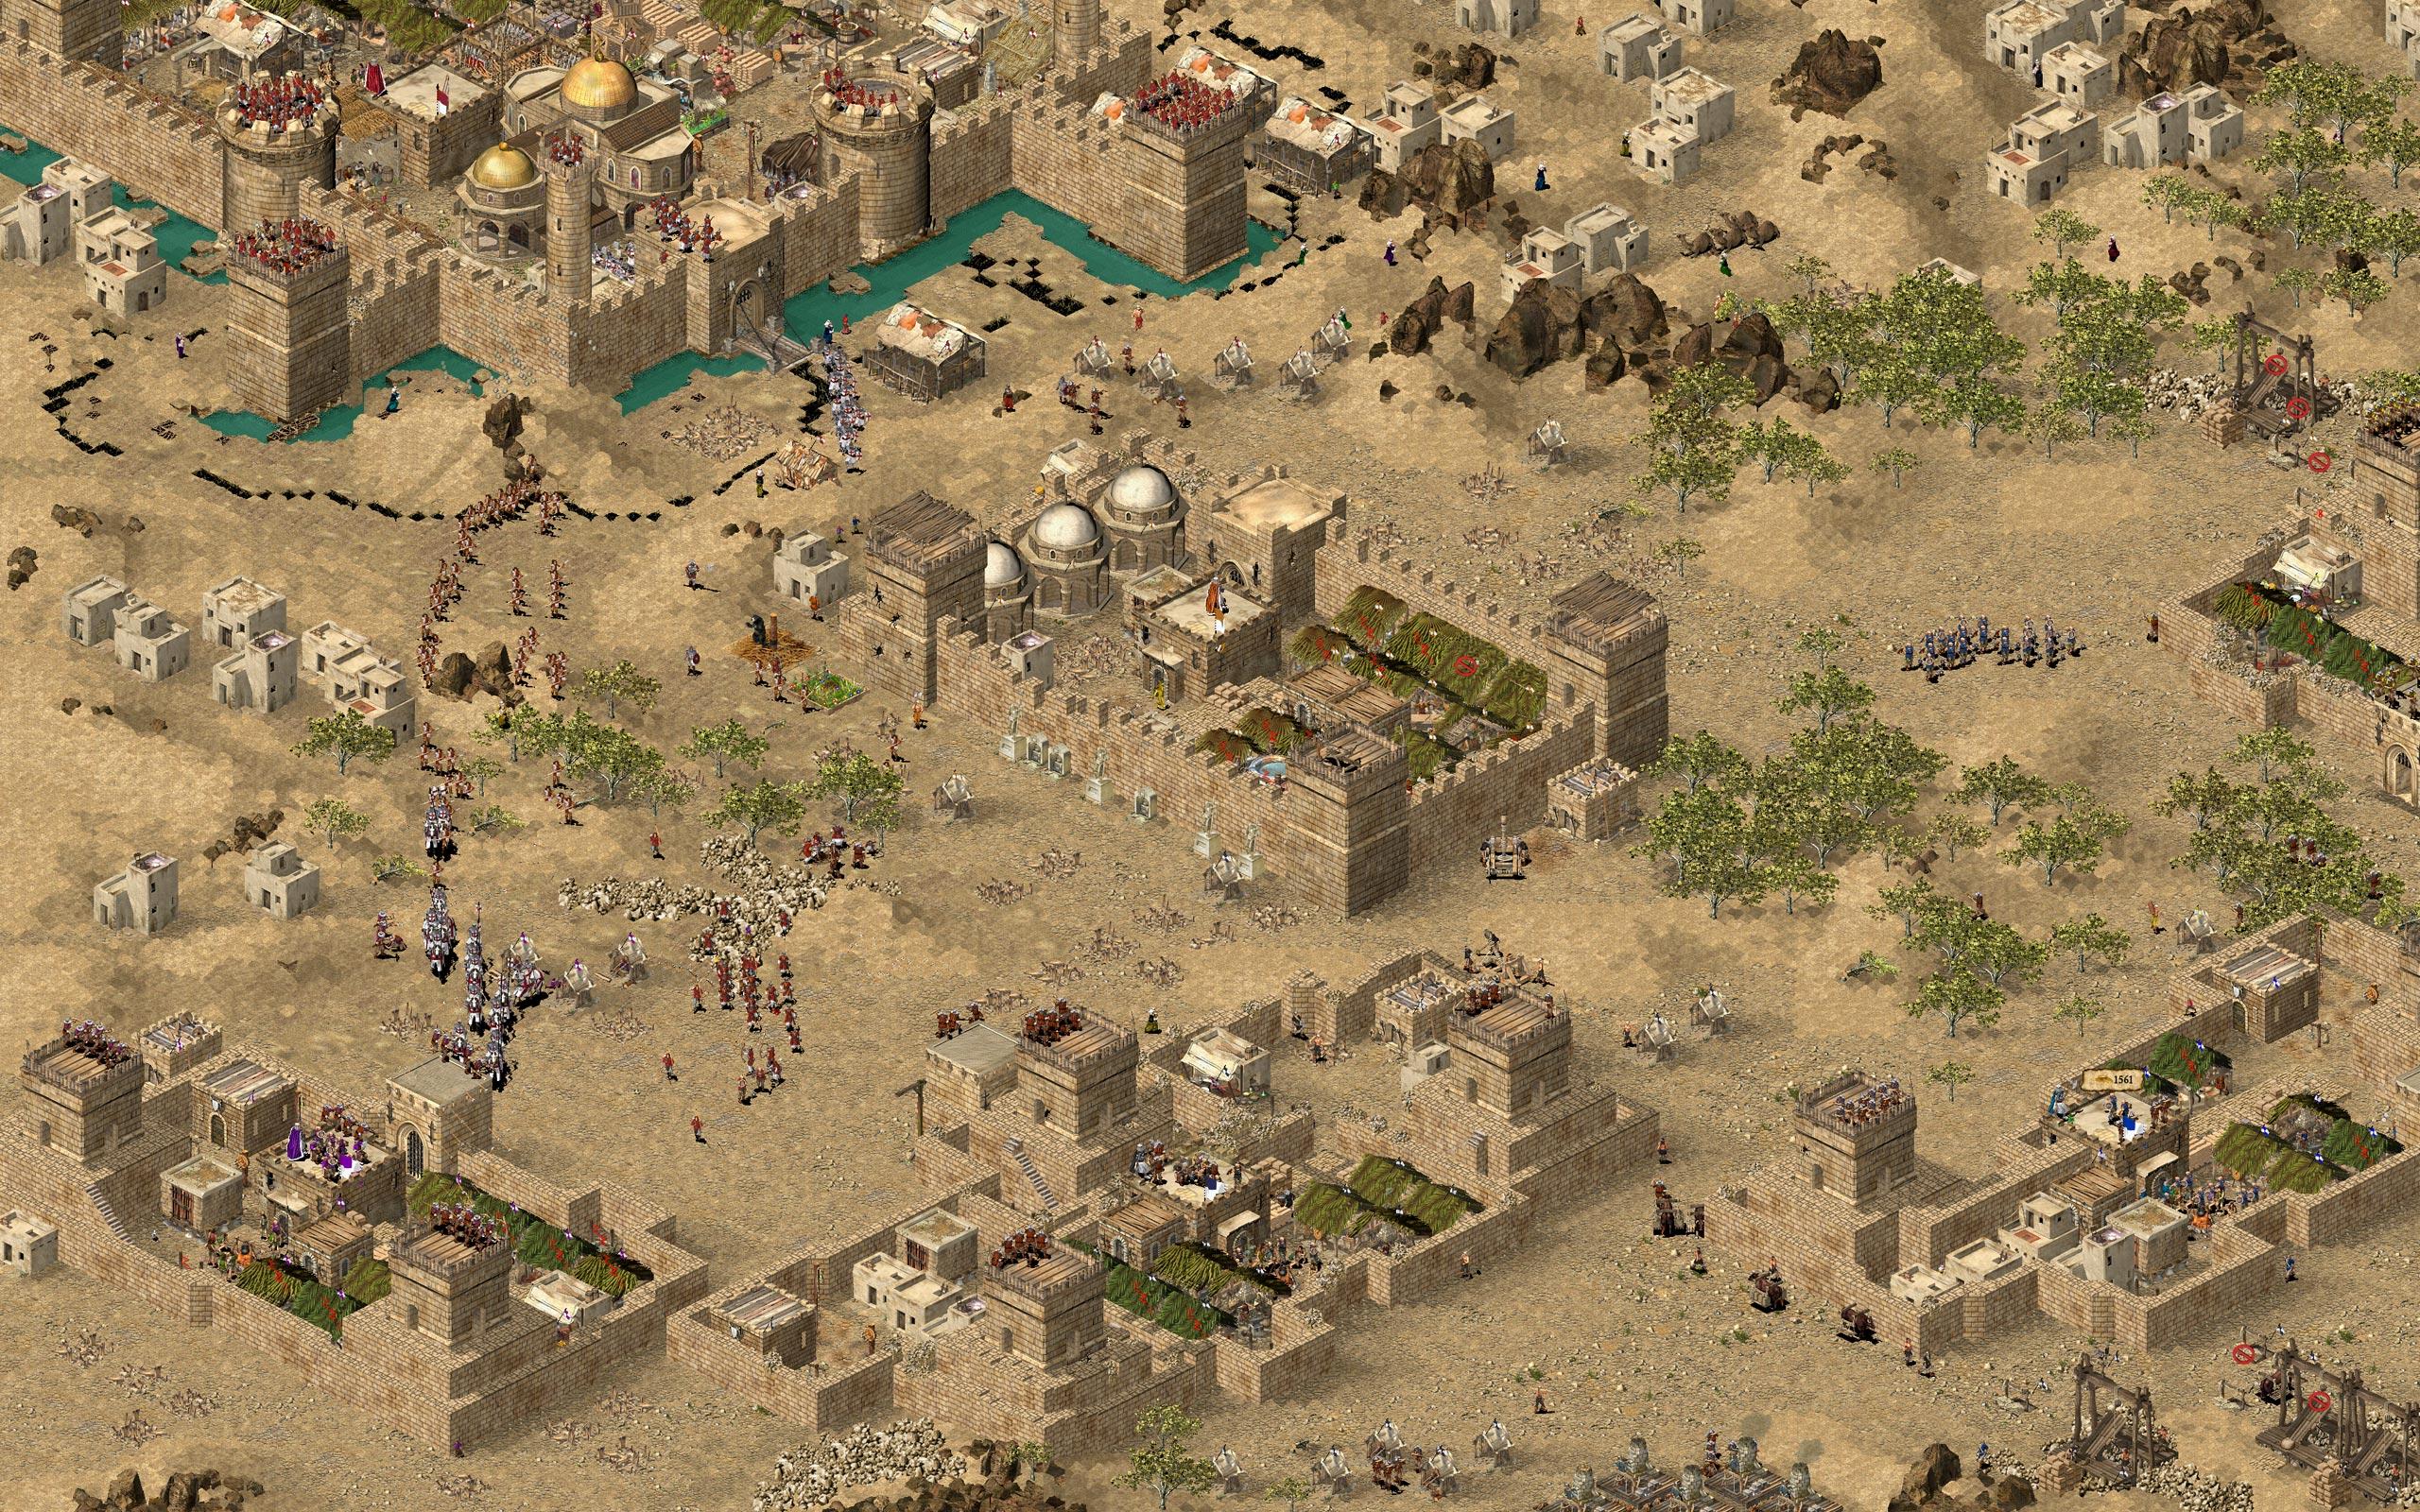 بازی های اندروید آسان دانلود بازی زیبای استراتژیک جنگ های صلیبی